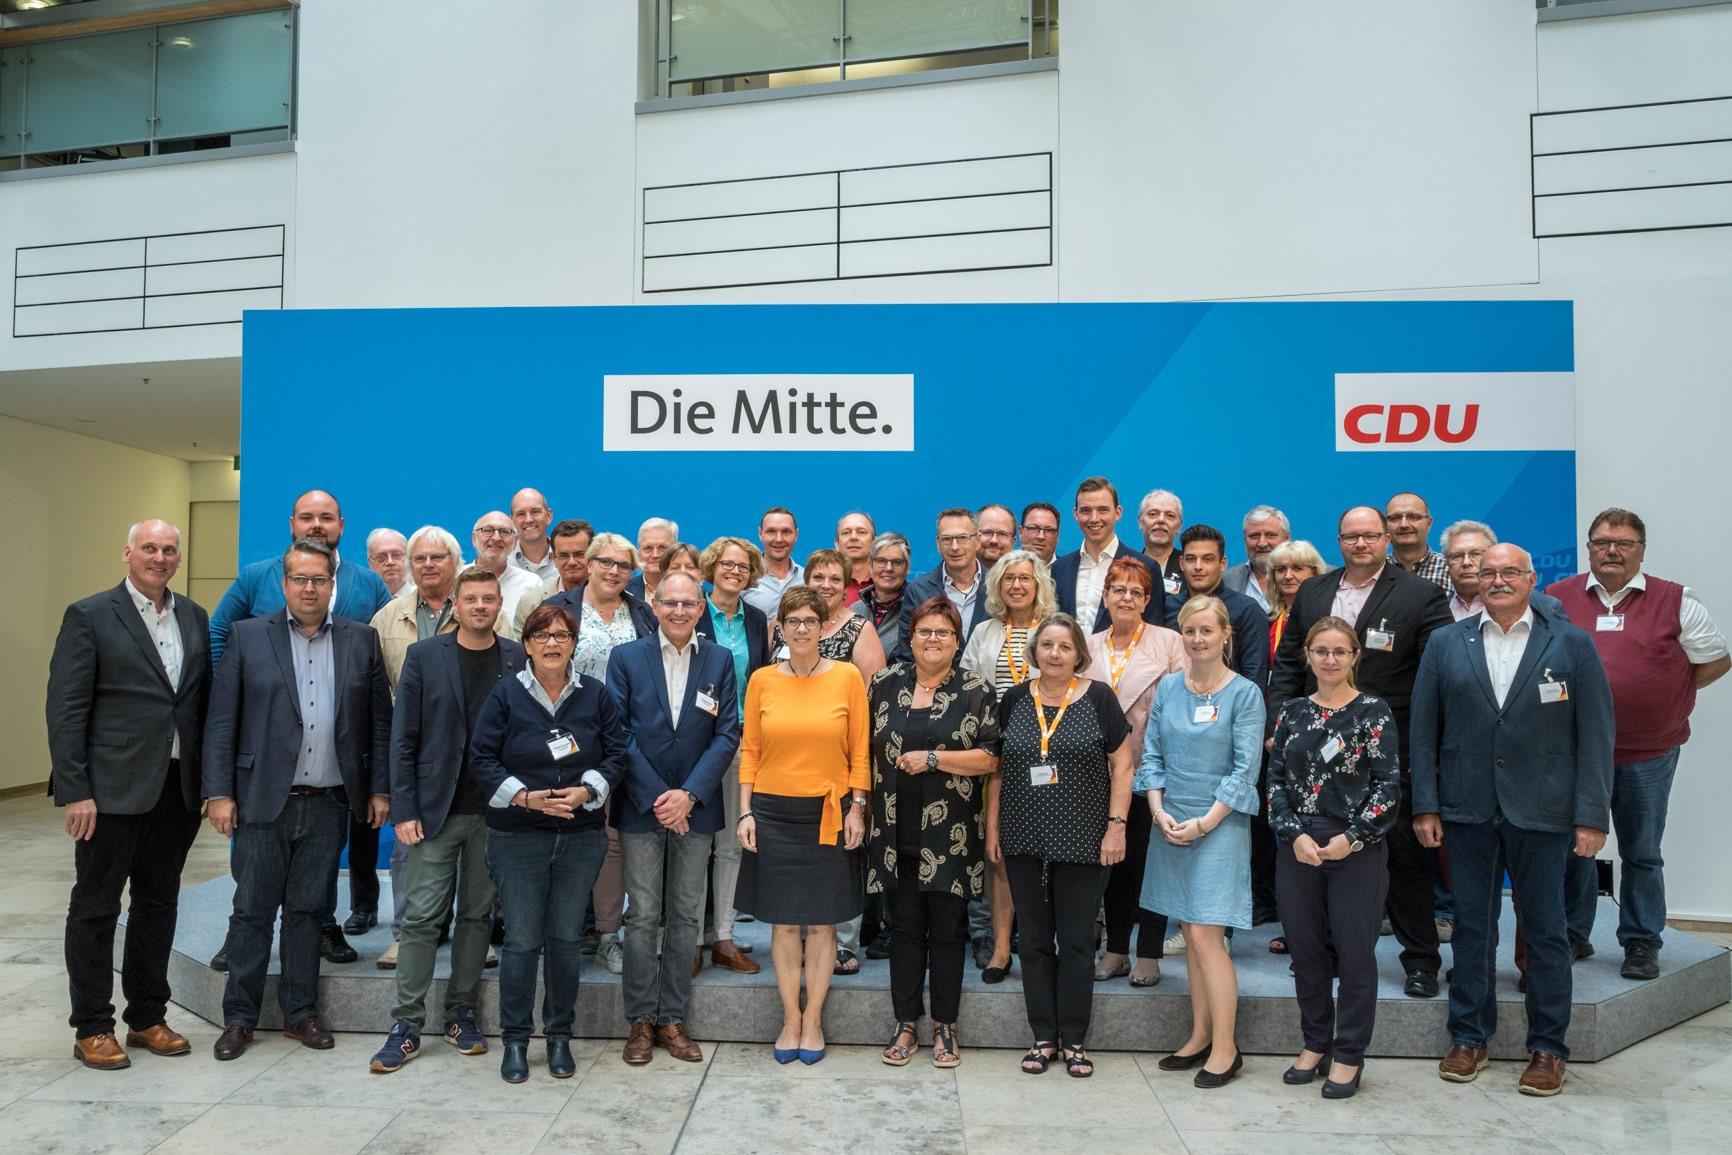 Darja Kröplin CDU Seminar in Berlin